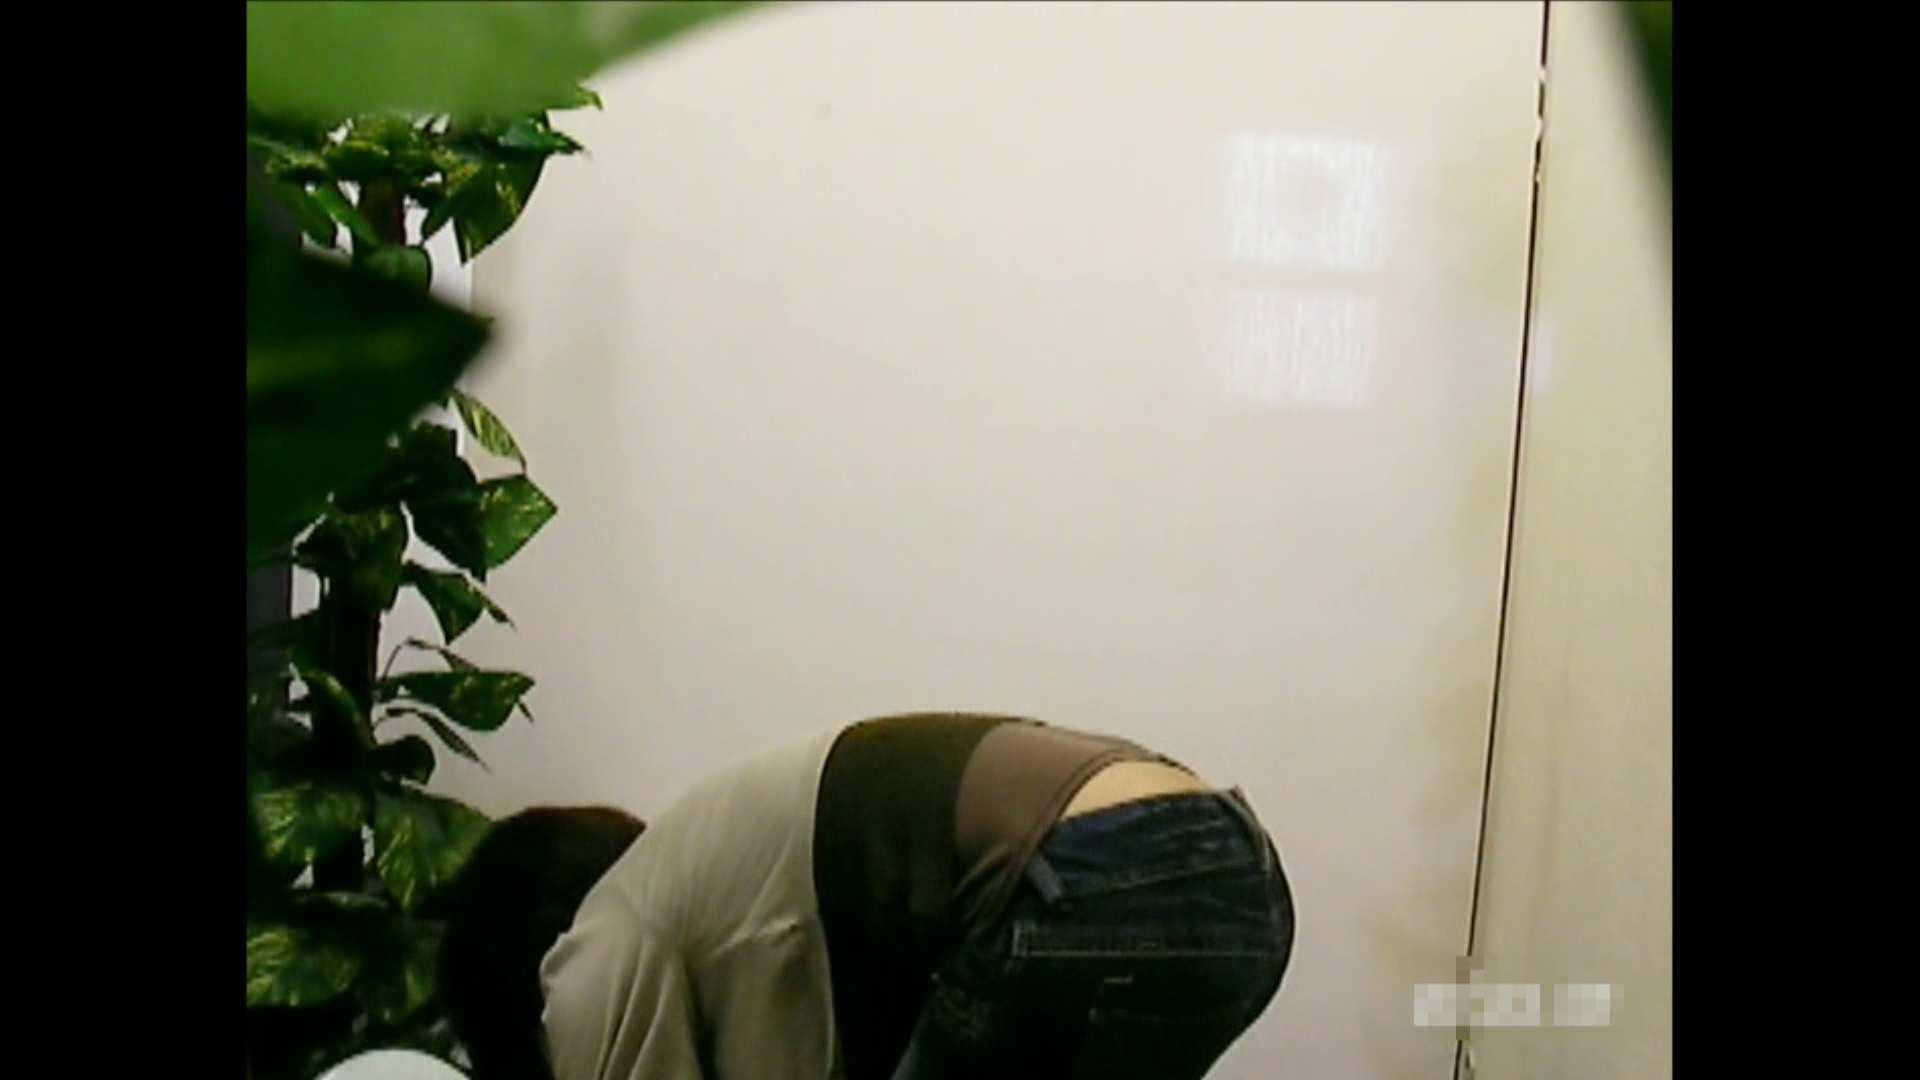 素人撮影 下着だけの撮影のはずが・・・地方から来た女の子 素人丸裸 ワレメ動画紹介 86pic 86